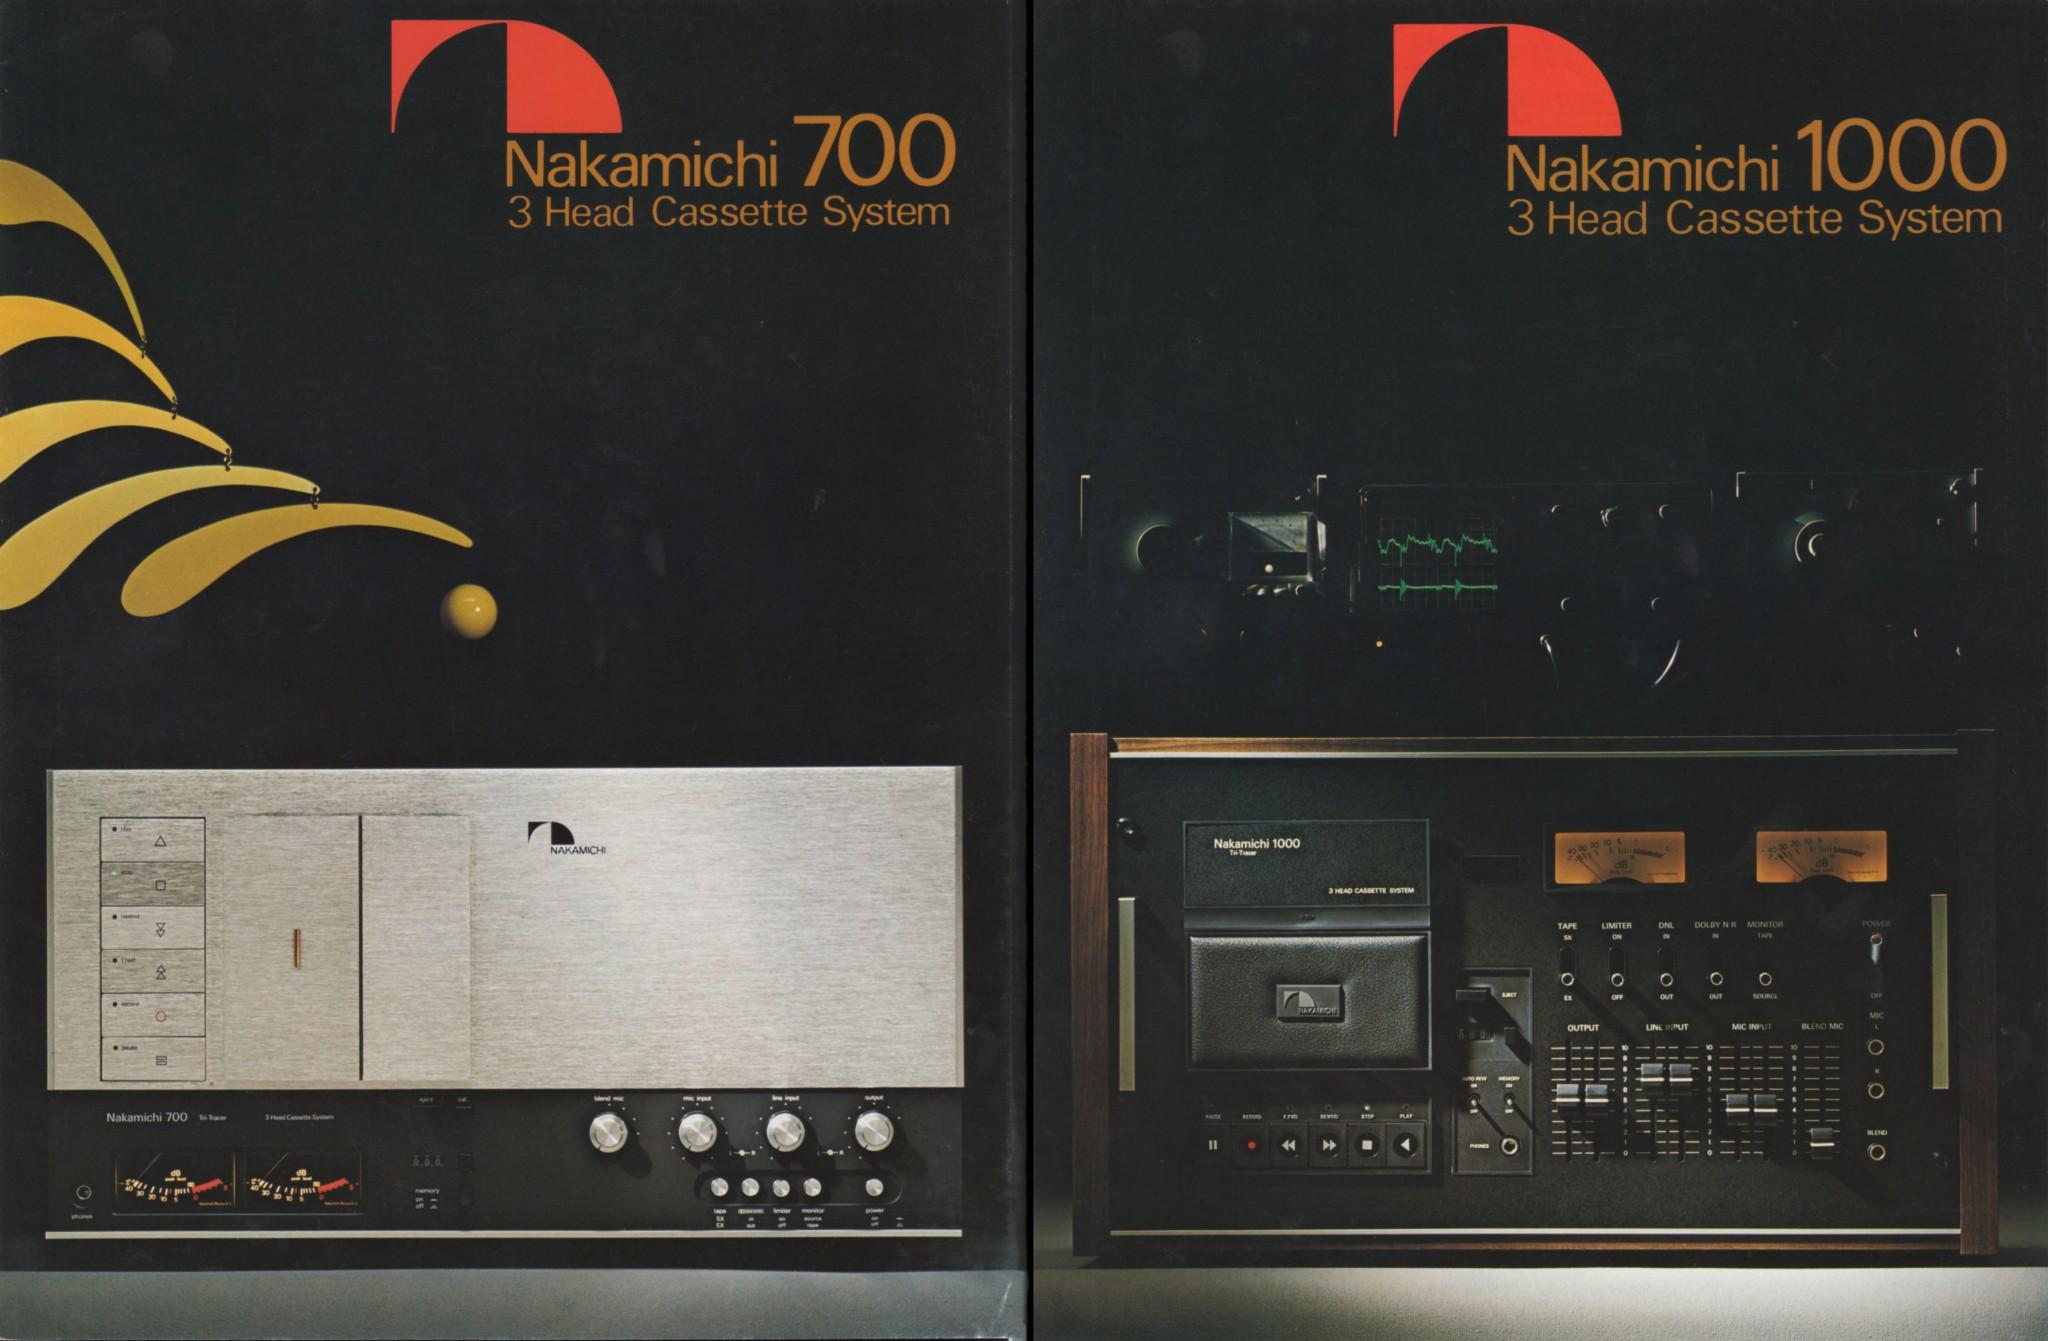 197602N7001000.jpg